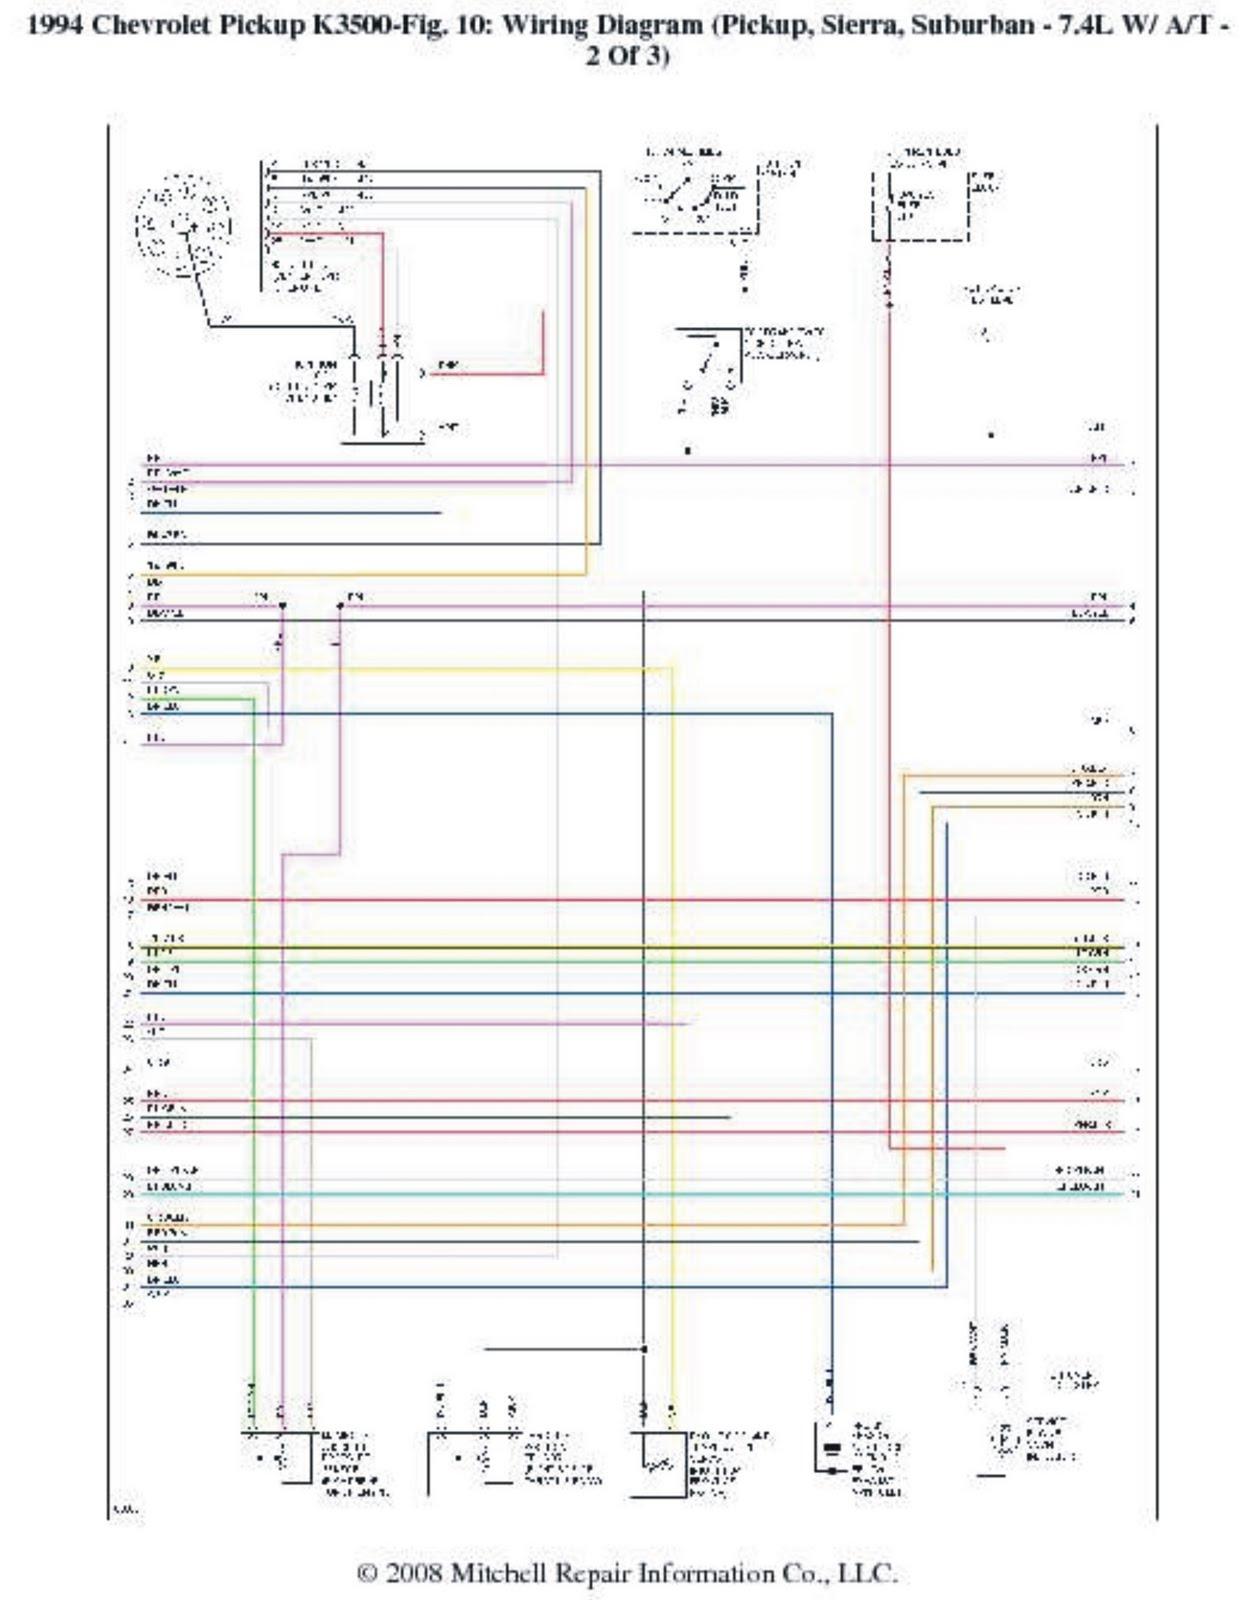 Nissan 1400 Ignition Wiring Diagram : Nissan bakkie ignition wiring diagram images